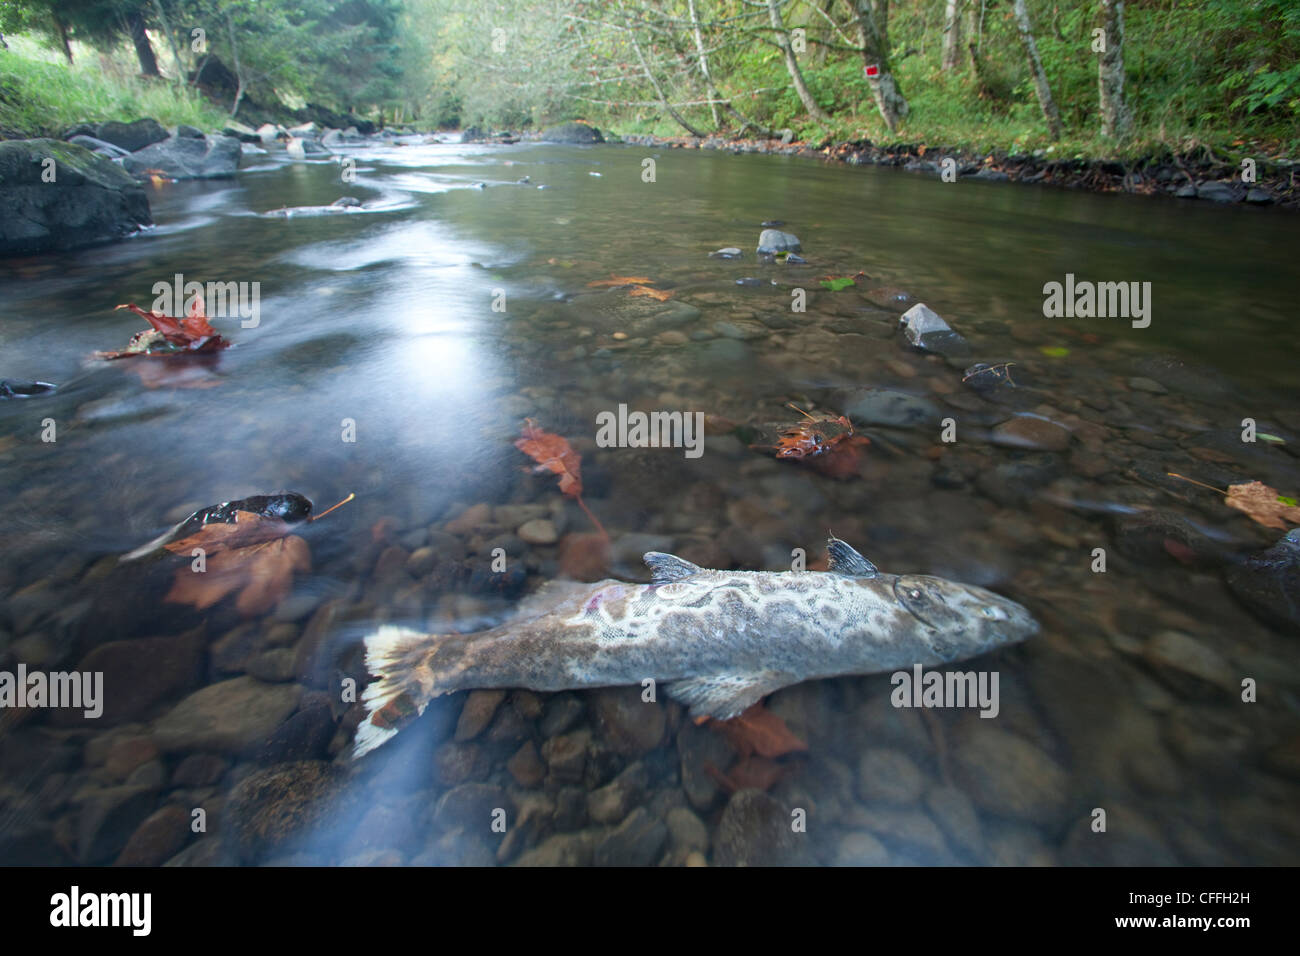 Salmone Coho carcassa in piccolo Oregon costiera di fiume. Immagini Stock